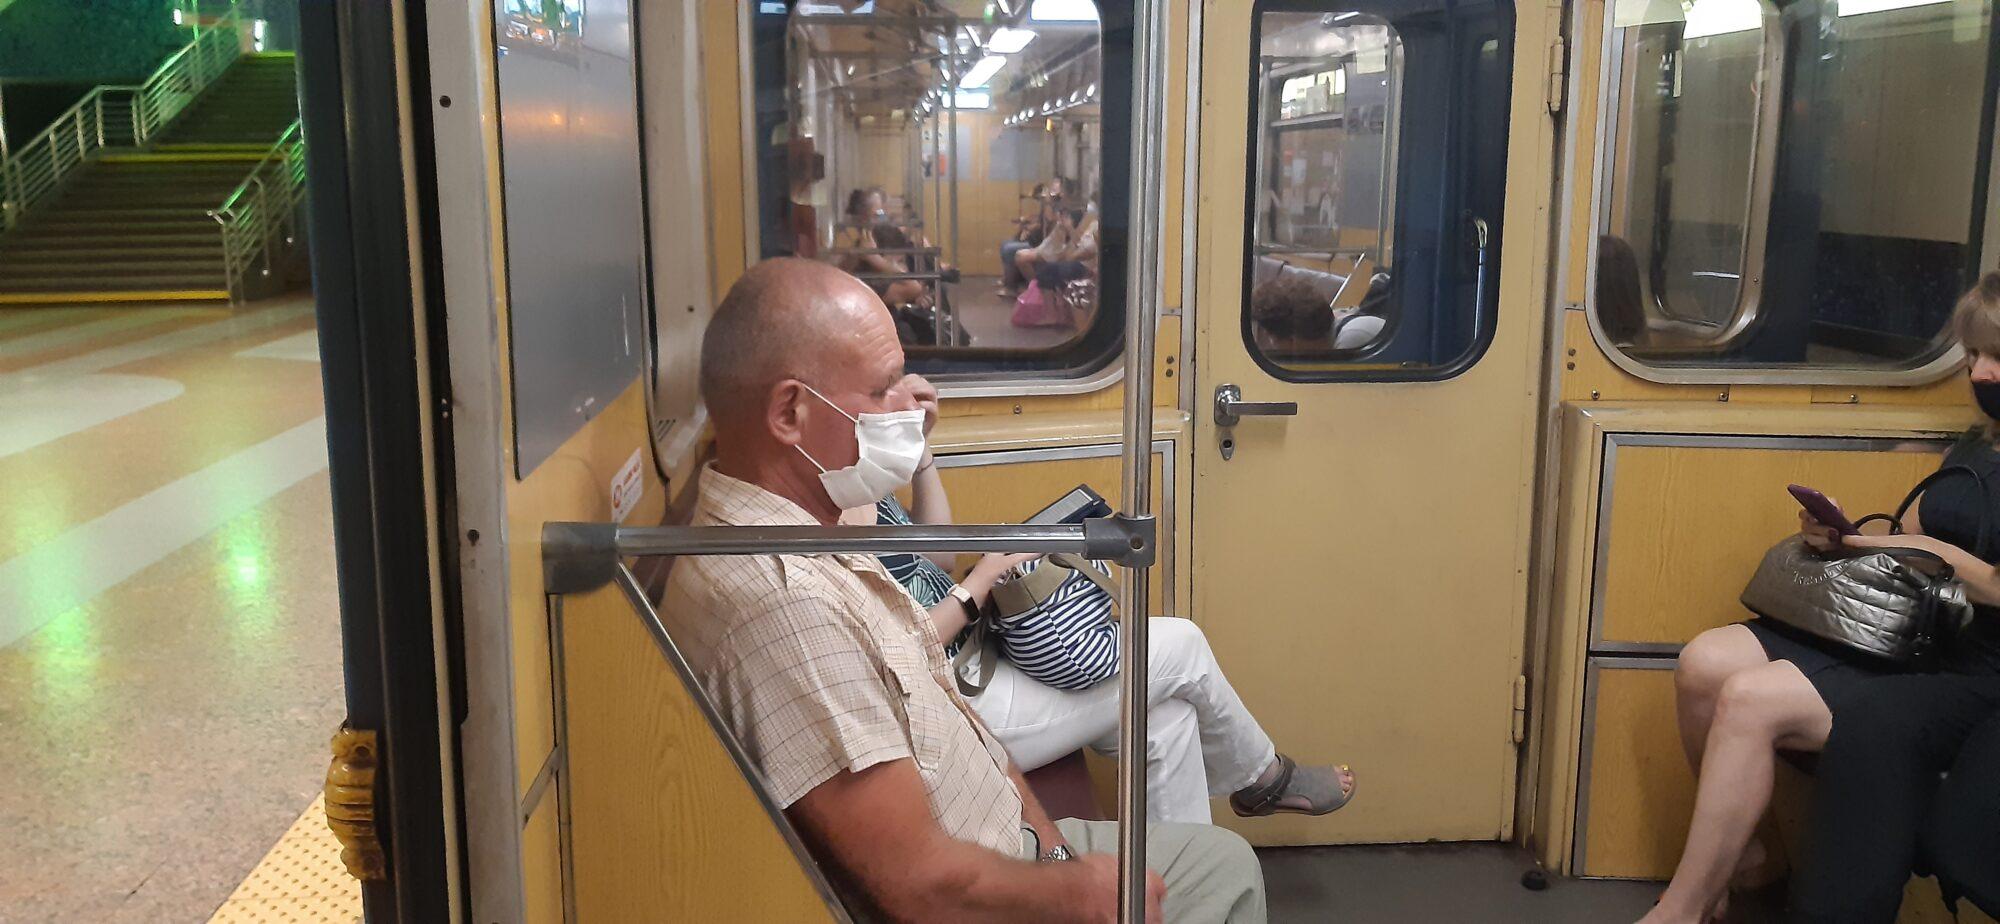 У столиці від COVID-19 померло двоє людей - місто Київ, коронавірус, Віталій Кличко - 20200808 120401 2000x924